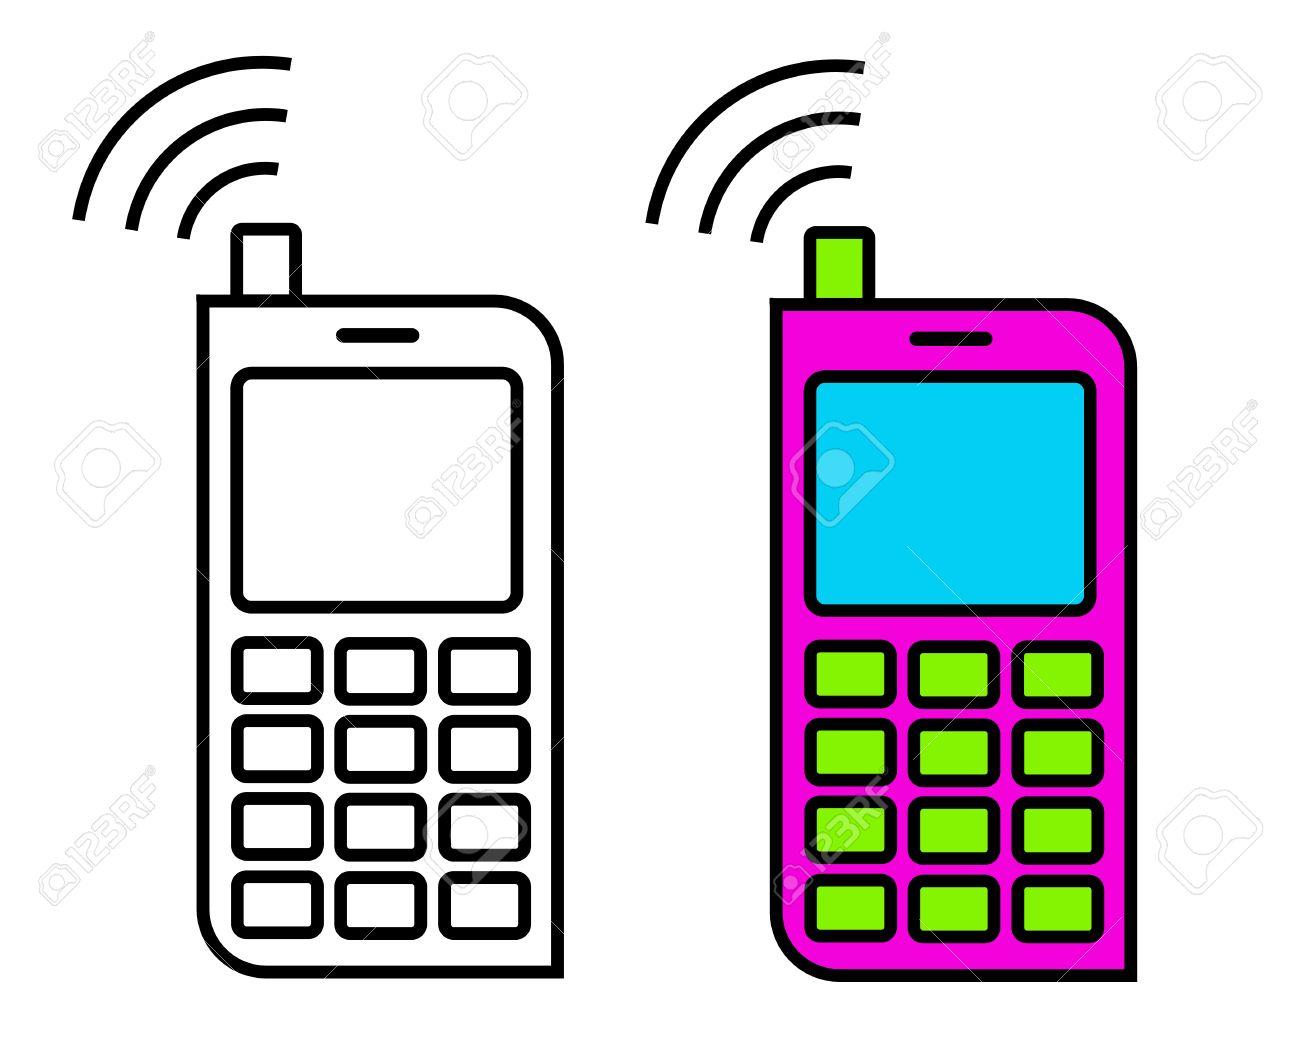 携帯電話シンプルなアイコン クリップアート ベクトルのイラスト素材